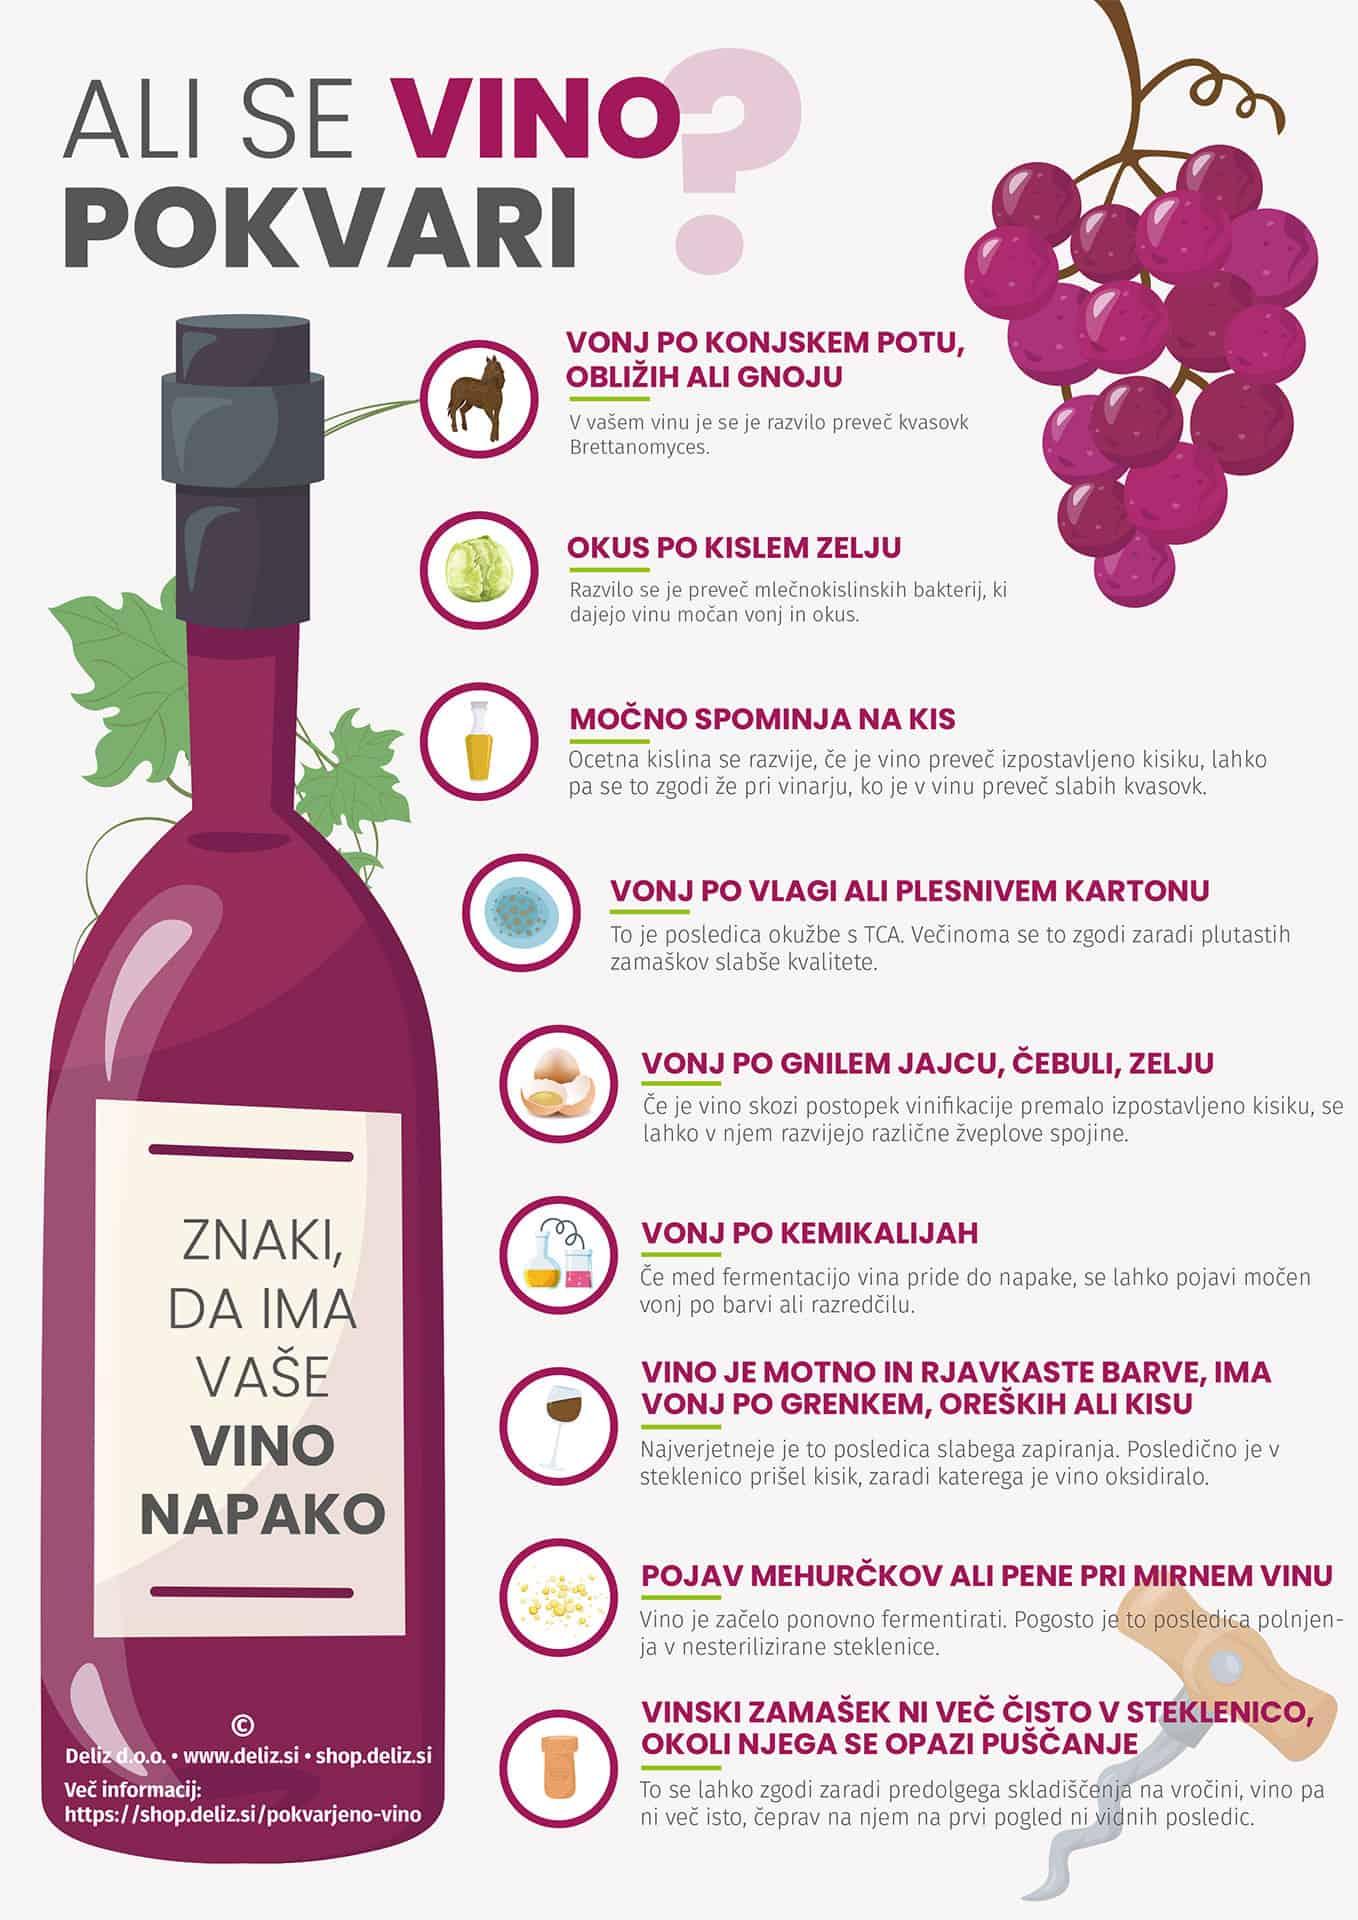 Pokvarjeno vino infografika - napake v vinu